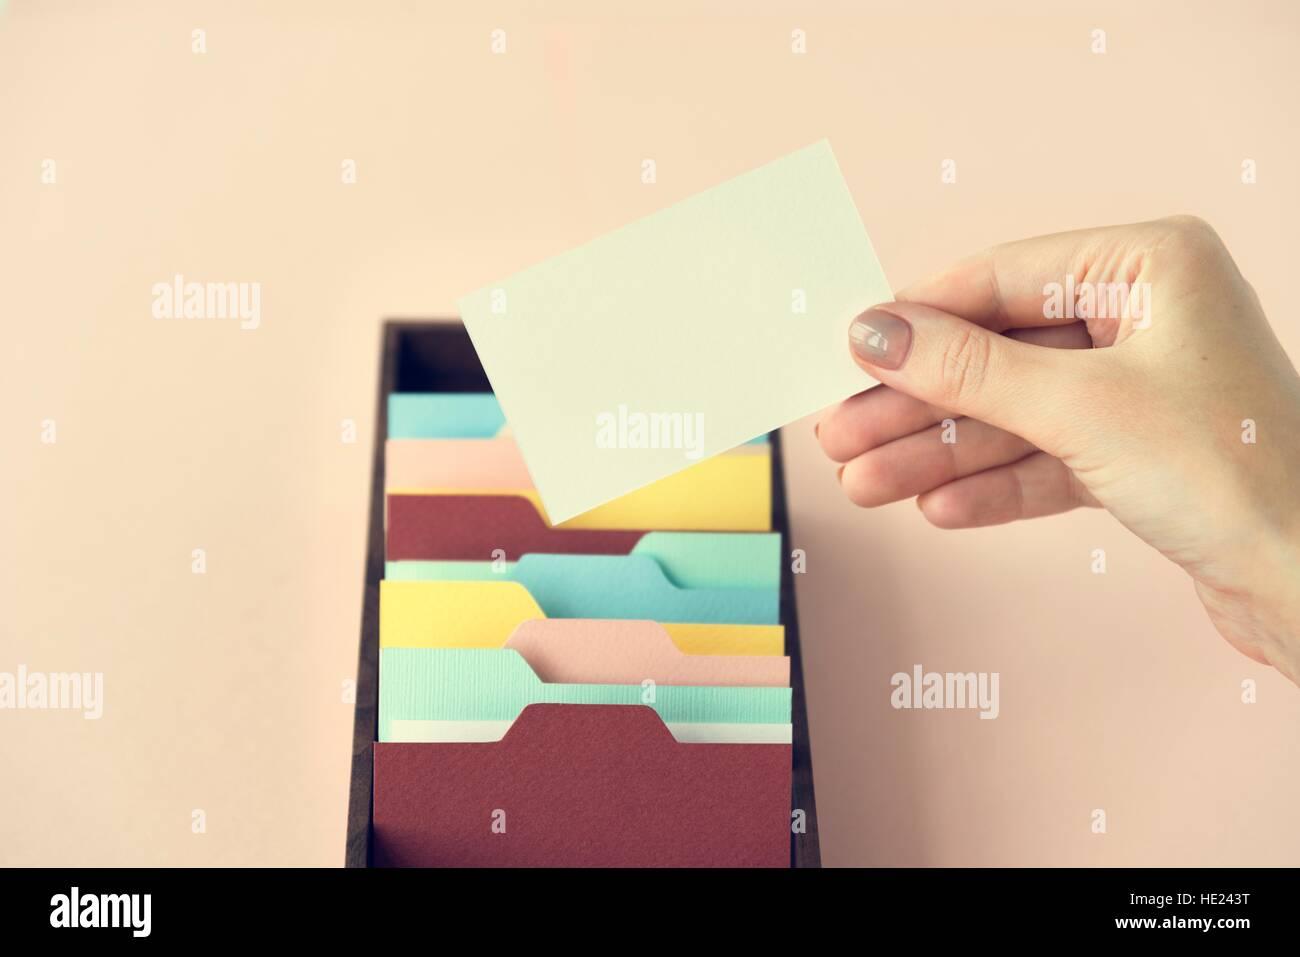 L'Administration de stockage de sauvegarde mémoire Archive Concept Photo Stock